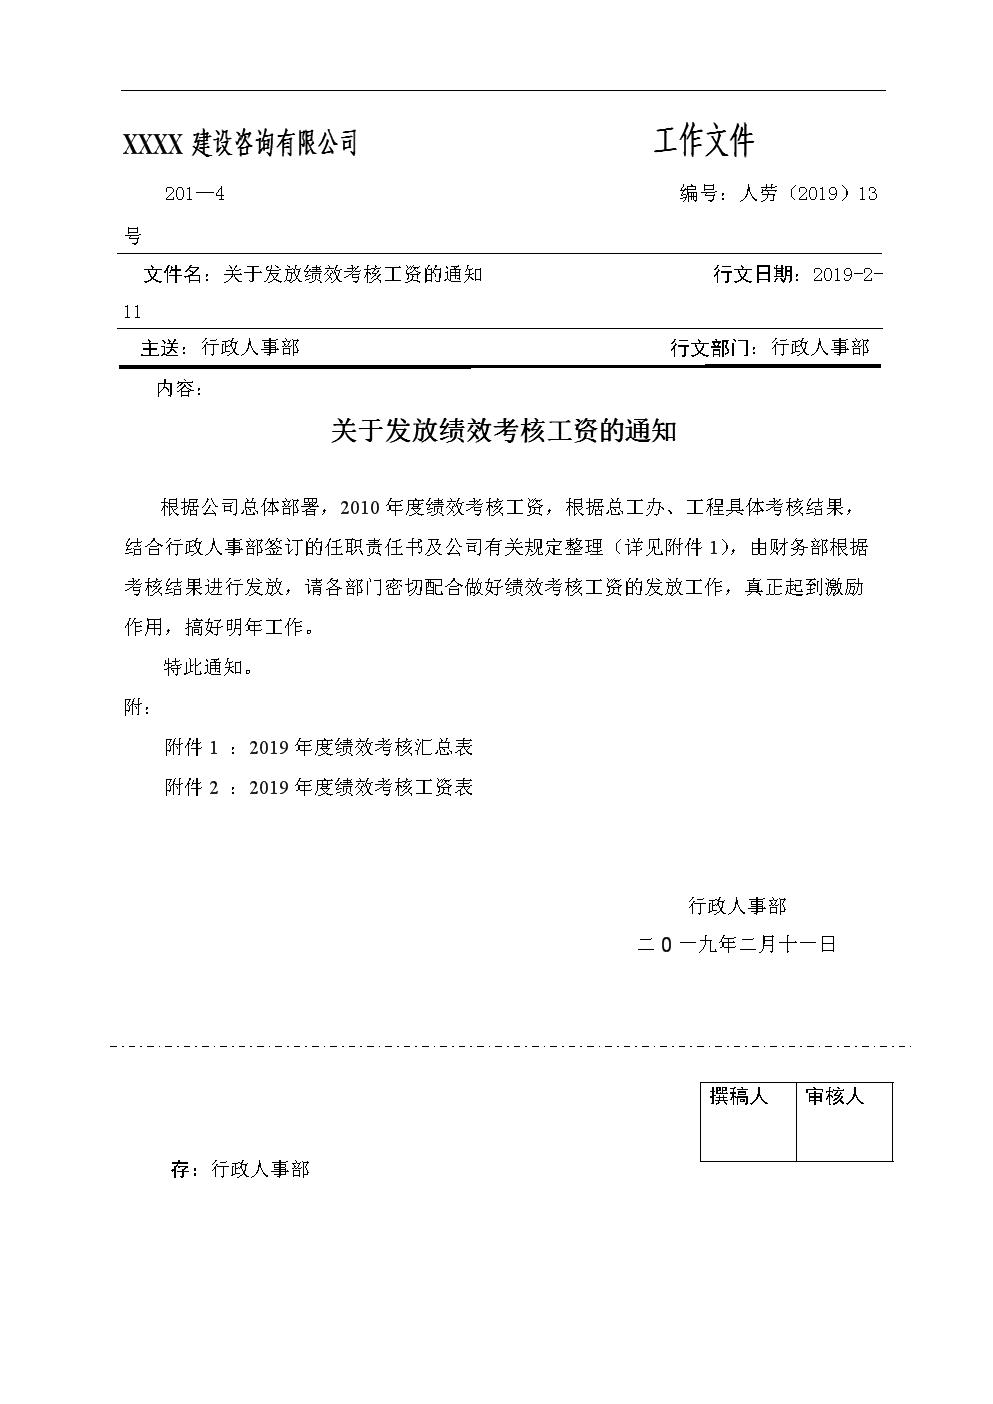 人劳(2011)13关于发放绩效考核工资的通知.doc